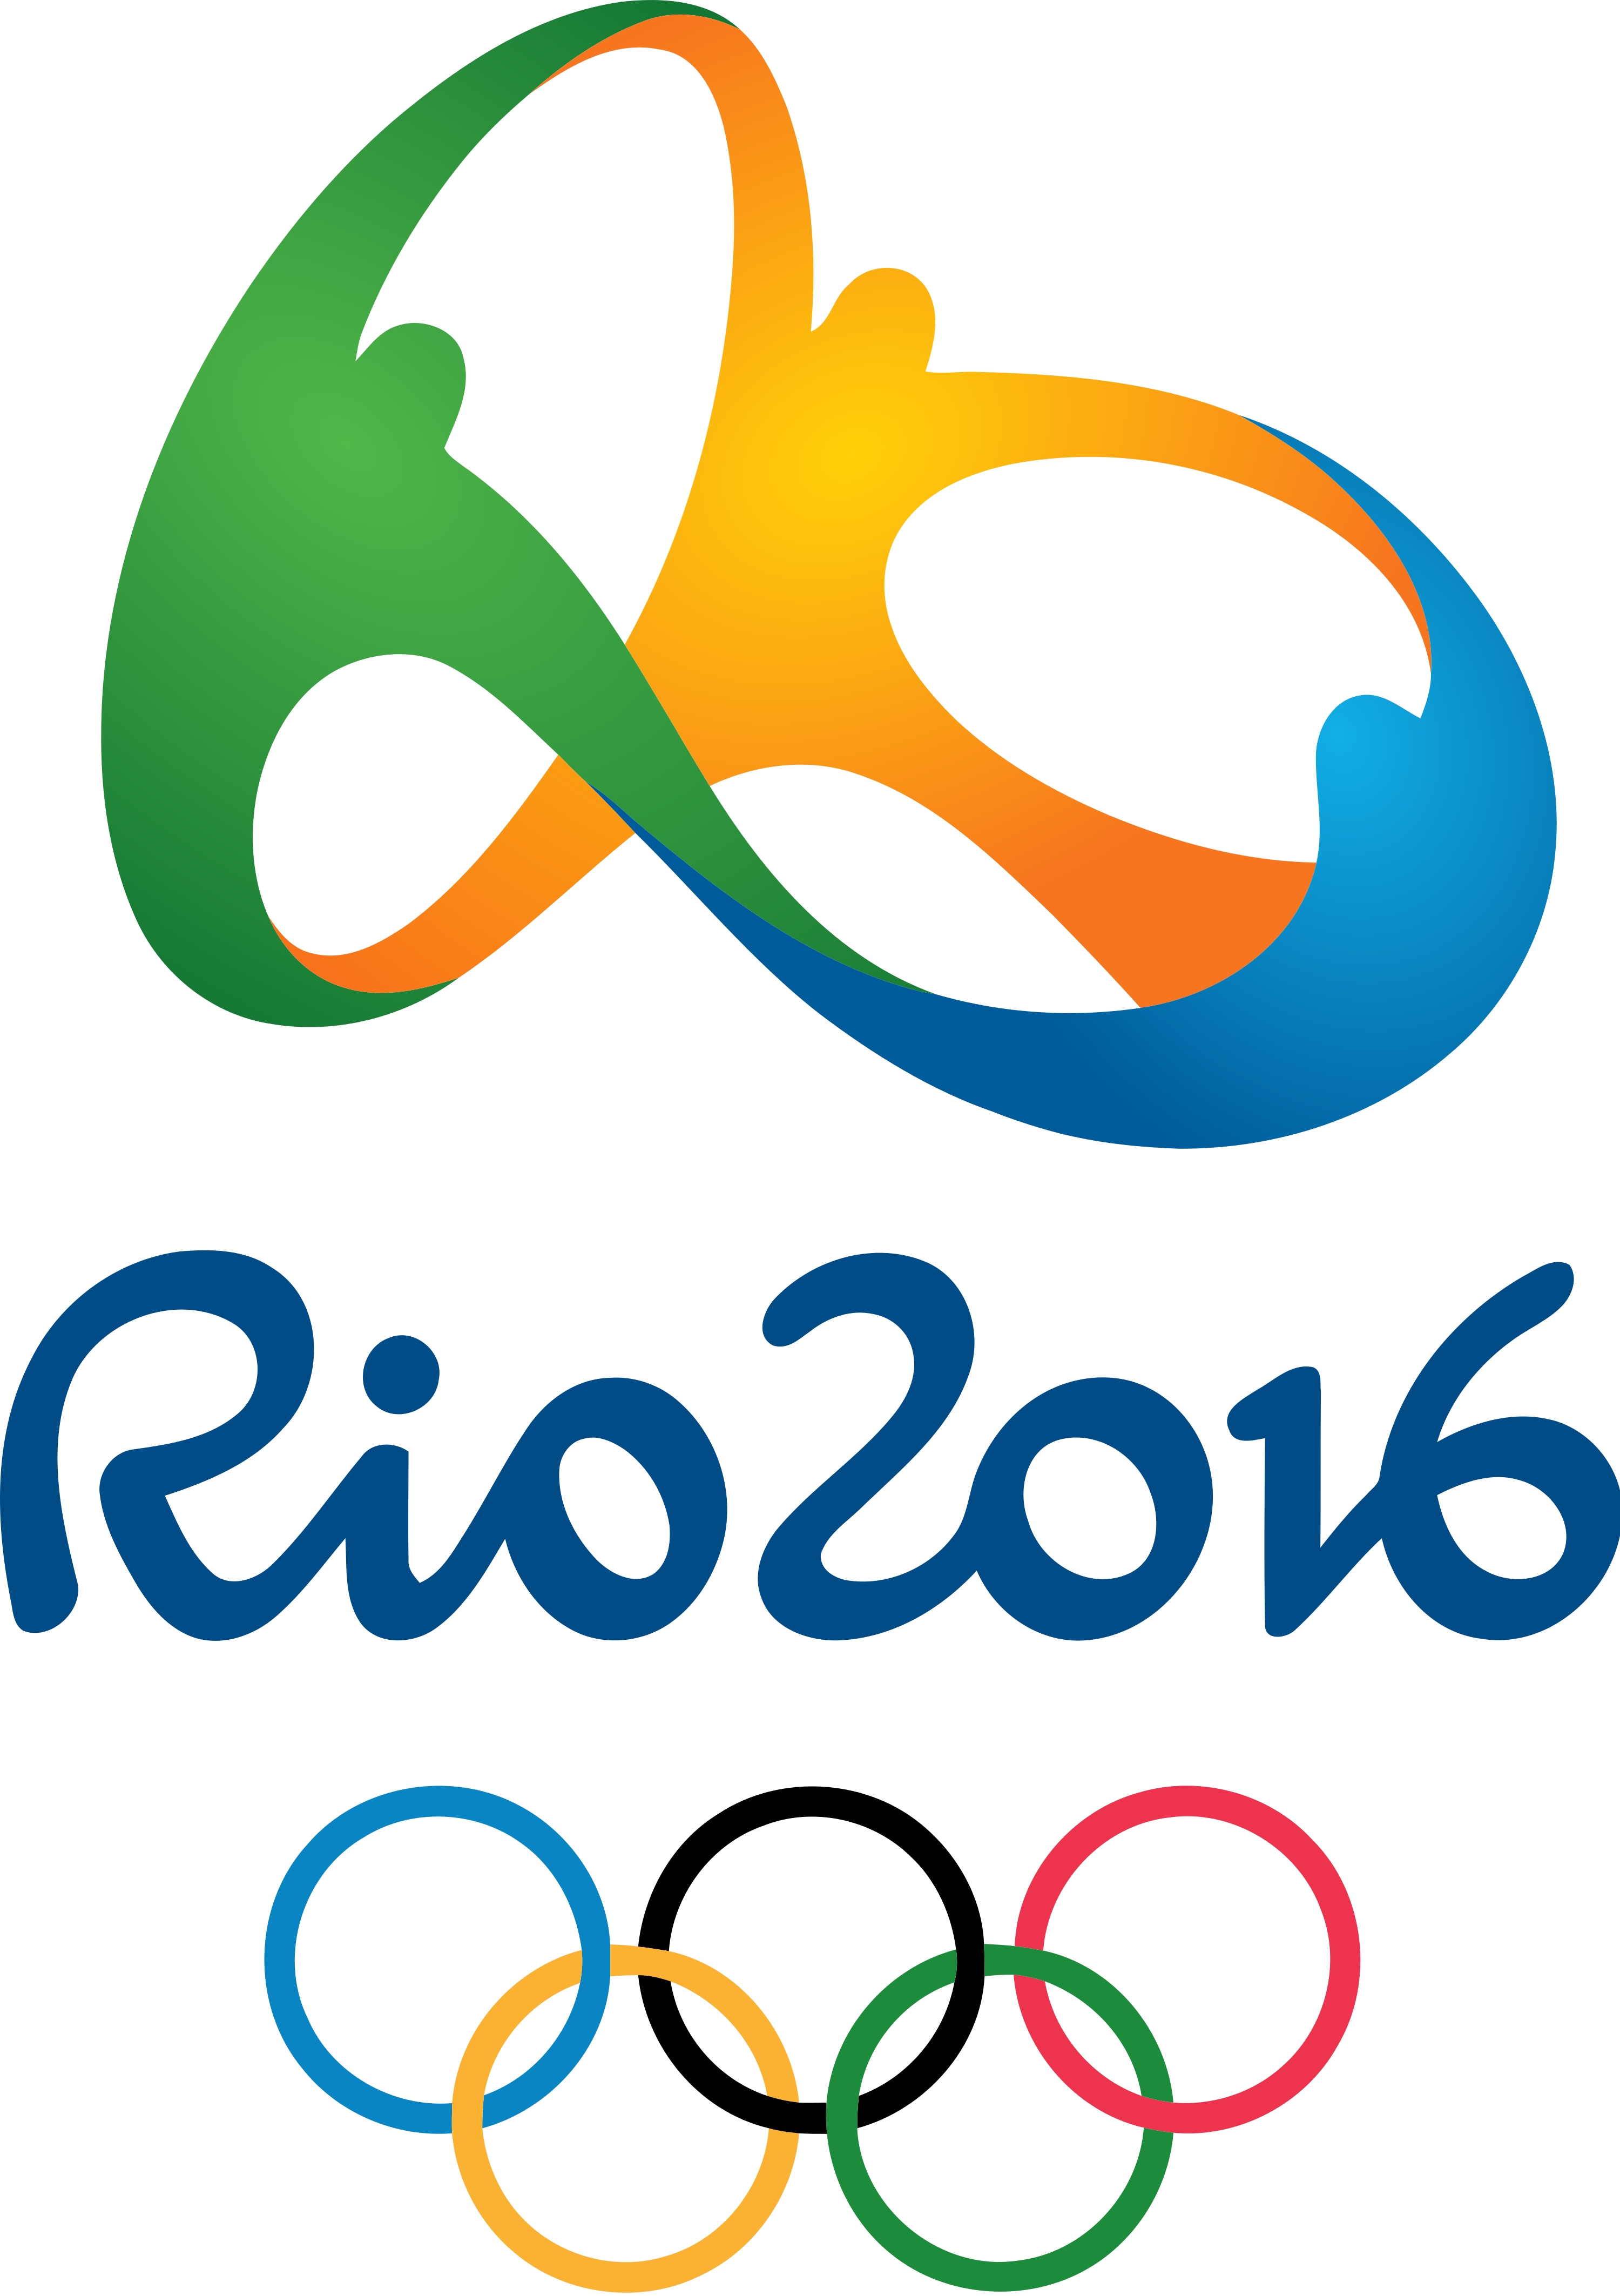 Cuba espera buenos resultados en Olímpicos de Río-2016